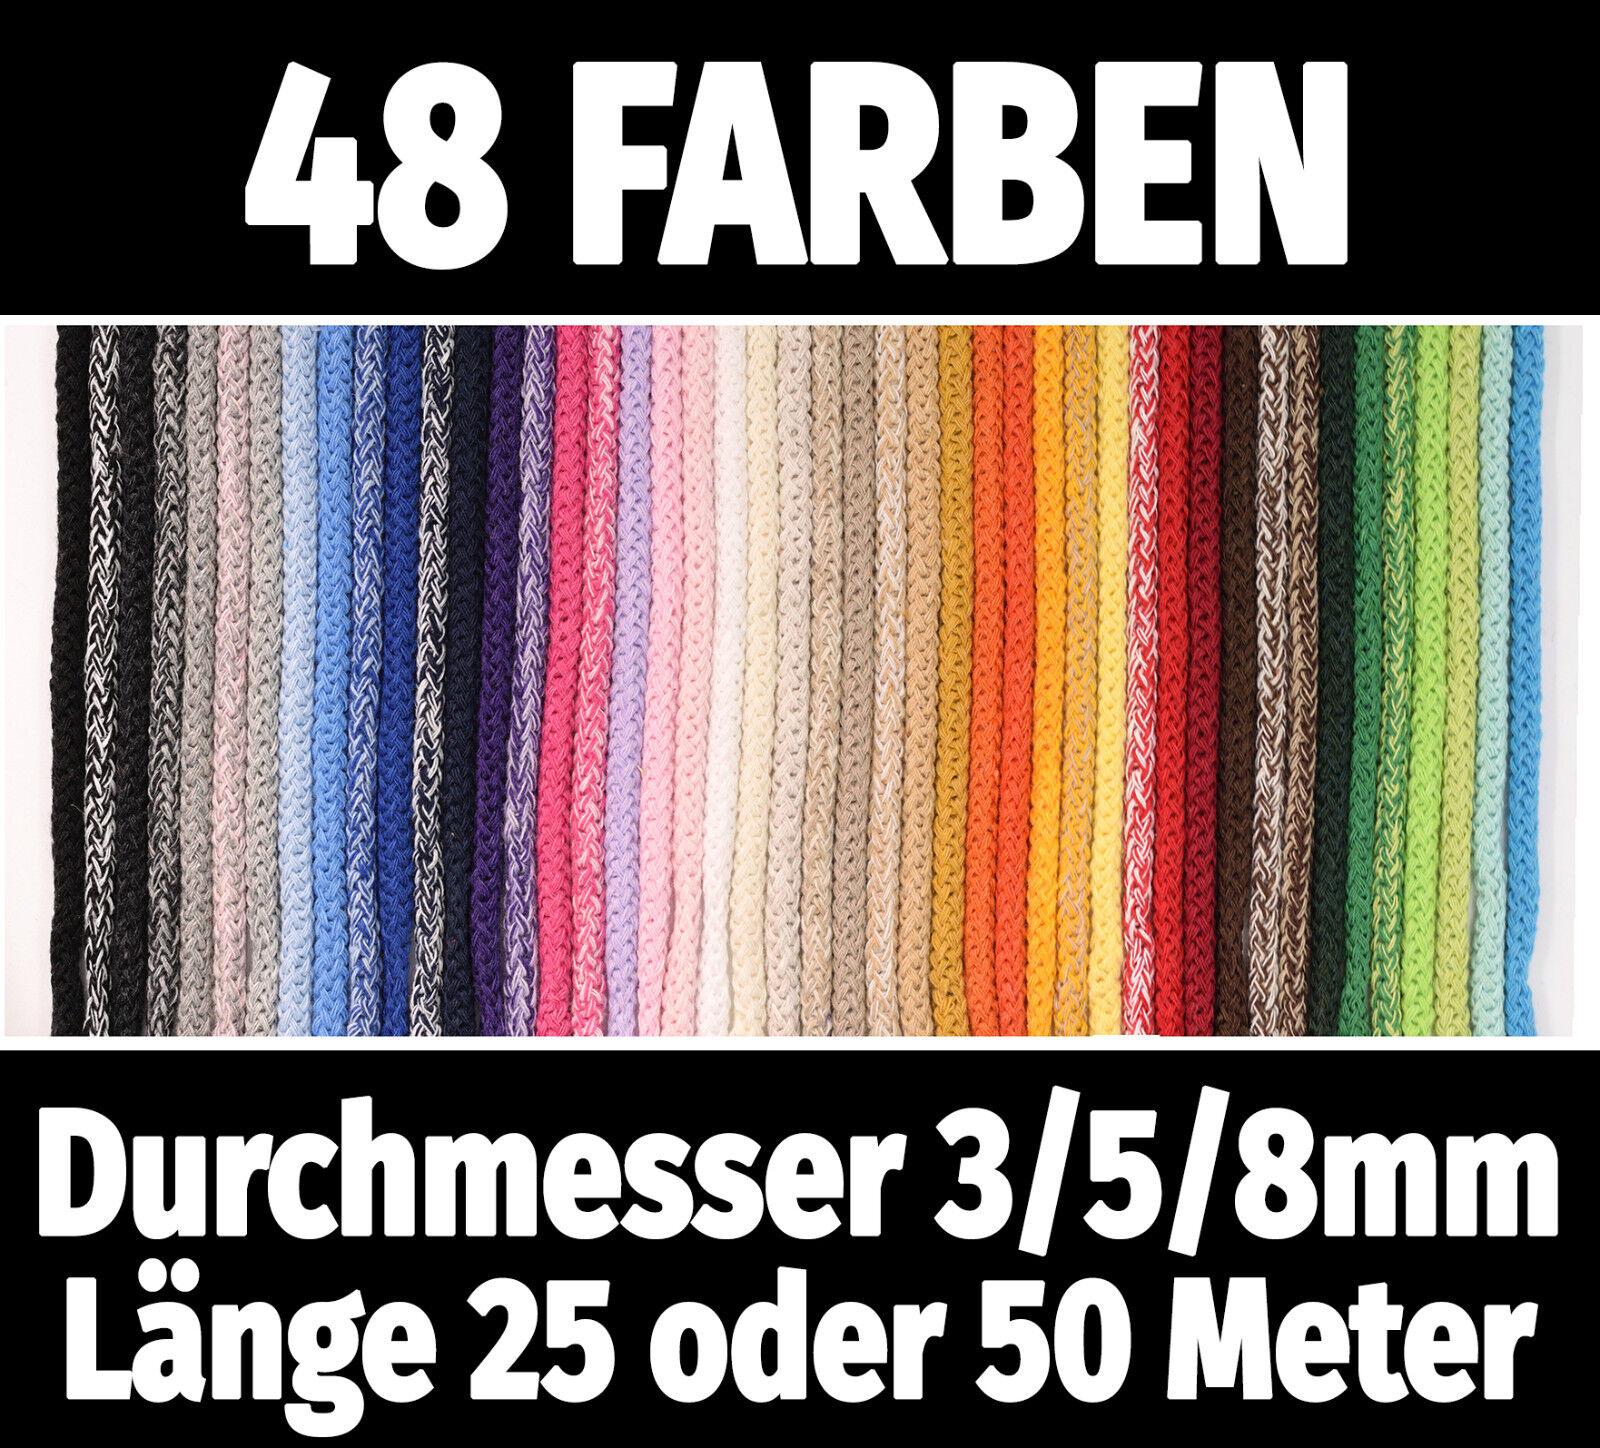 25m/50m Baumwollkordel Ø3/5/8mm Schnur Kordel Baumwolle BW-Kordel Seil·48 Farben